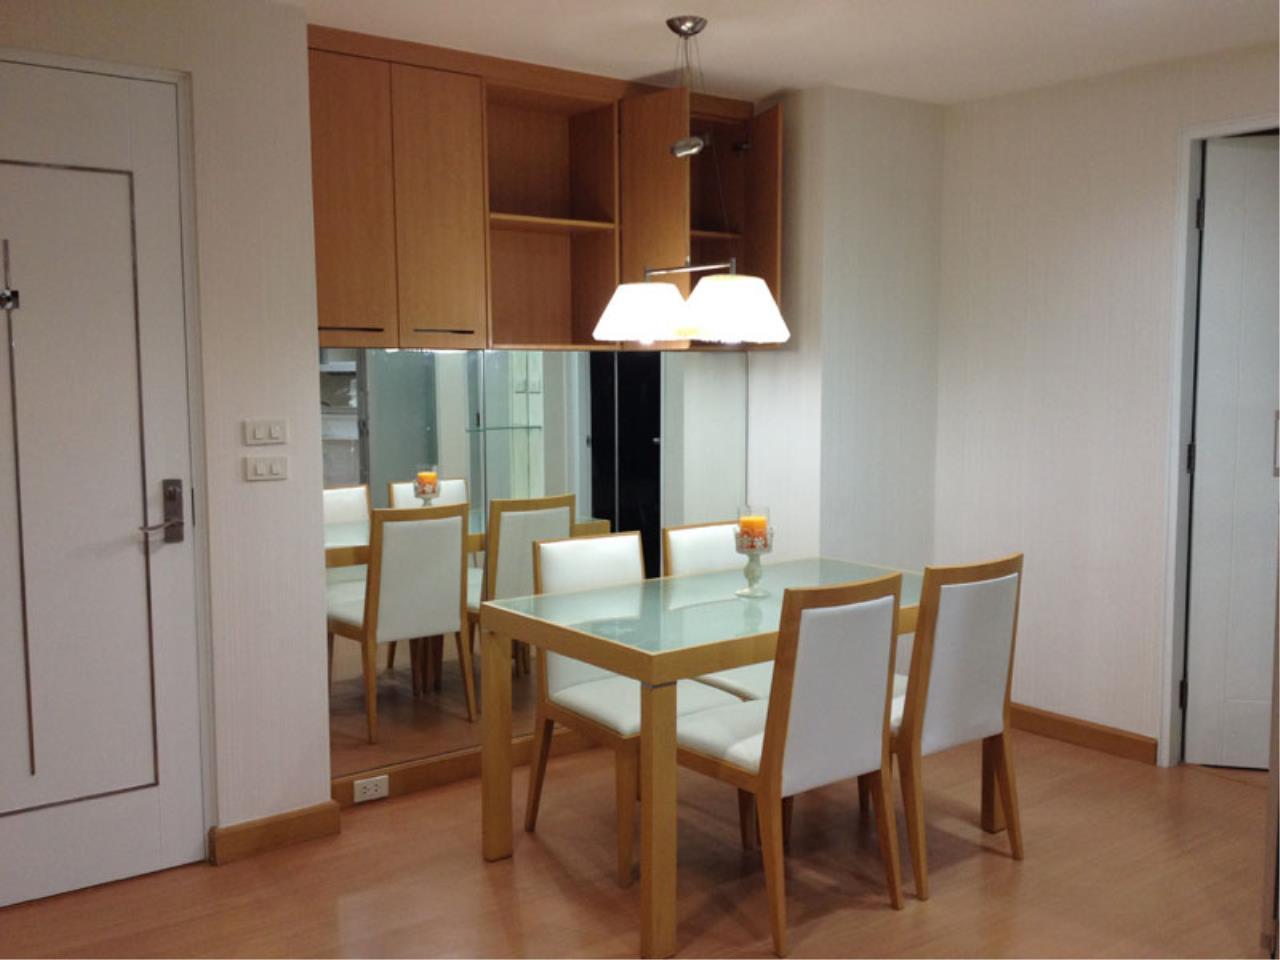 BKK Condos Agency's Two bedroom condo for rent at The Bangkok Sab Road  4